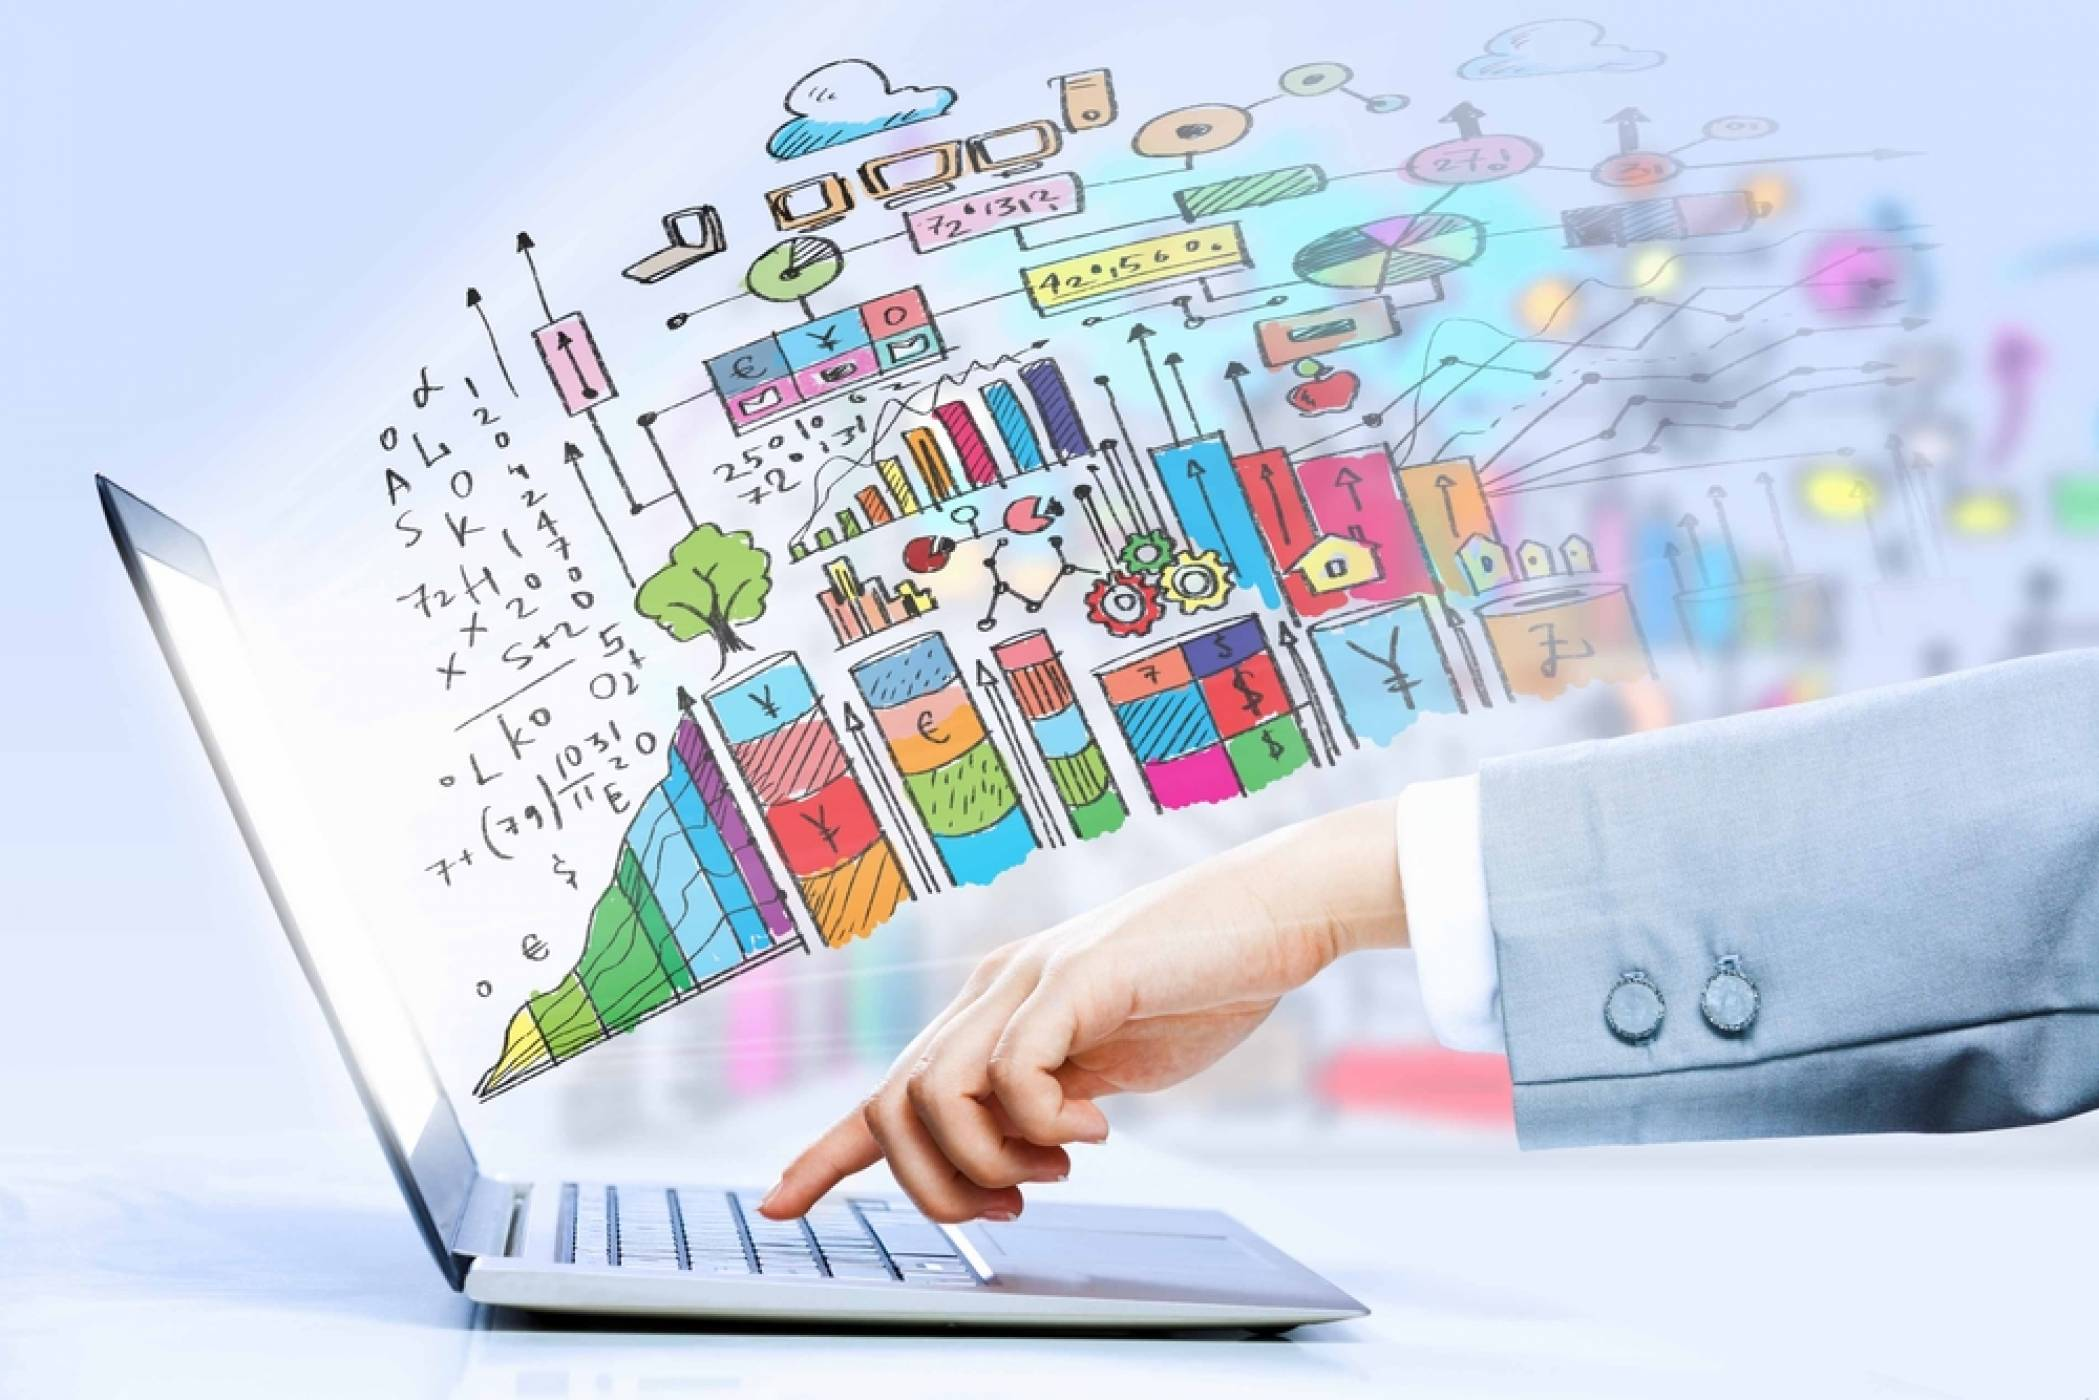 Професионална реализация: кoи технологични умения ще са най-търсени през 2018?